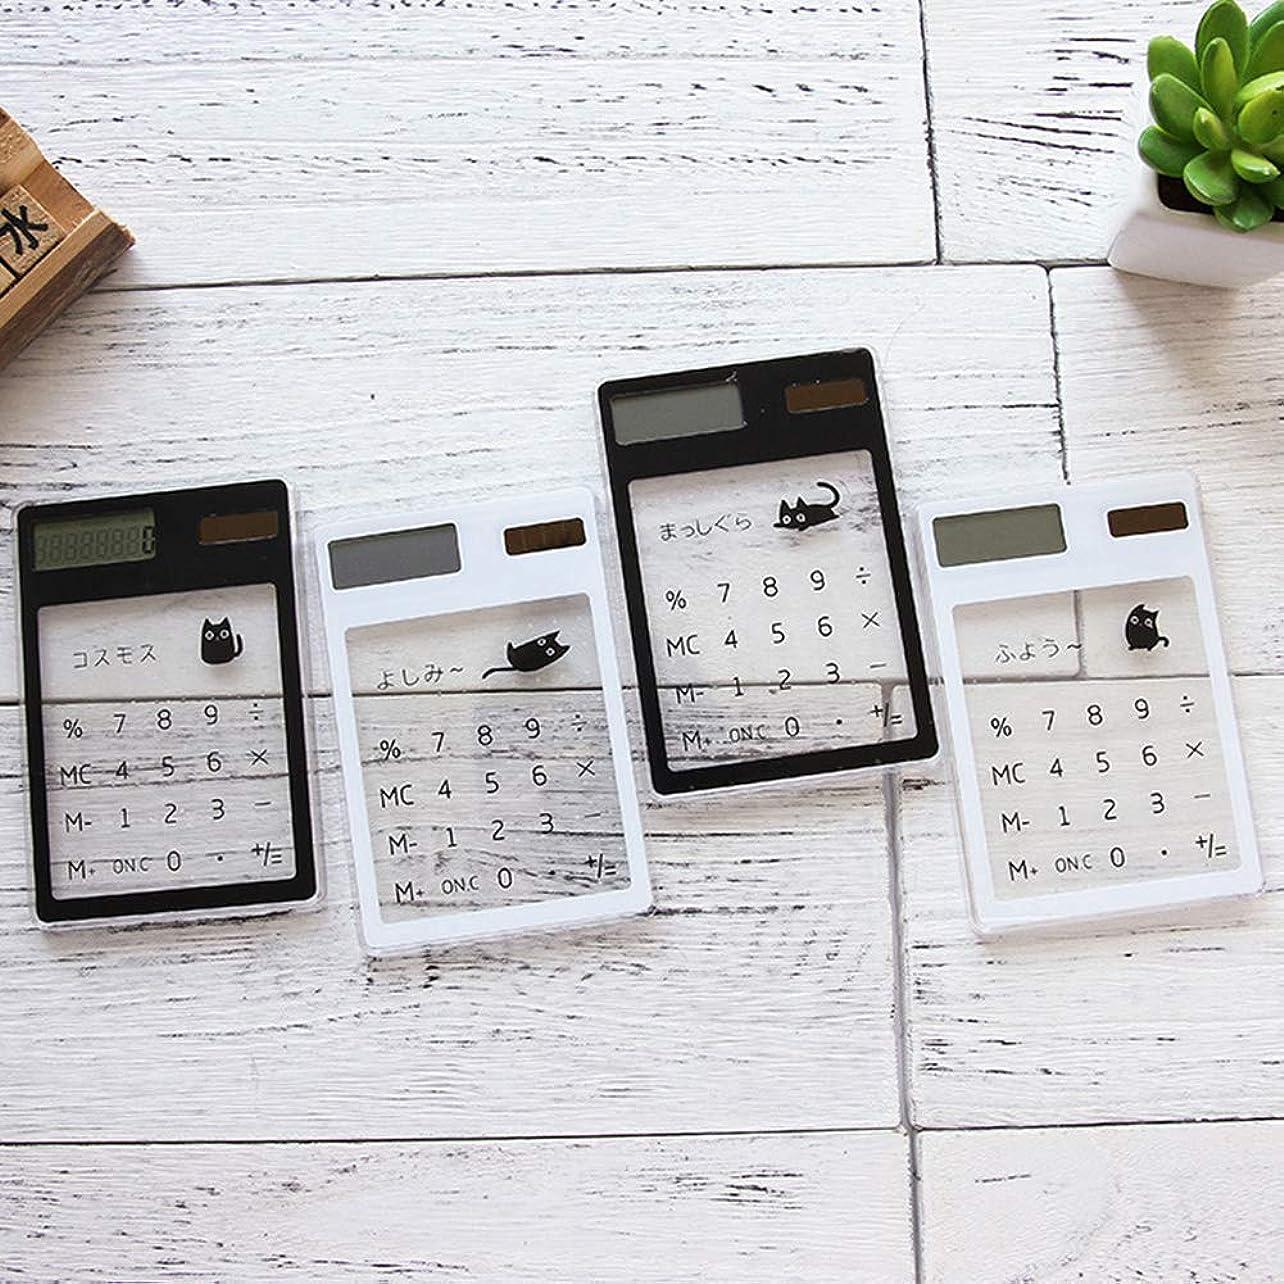 冷凍庫対立メトリックdulawei3 携帯用透明電卓 ベーシック キュート ポケットカウンター ソーラー 学校 ホーム オフィス用 - ランダムカラー